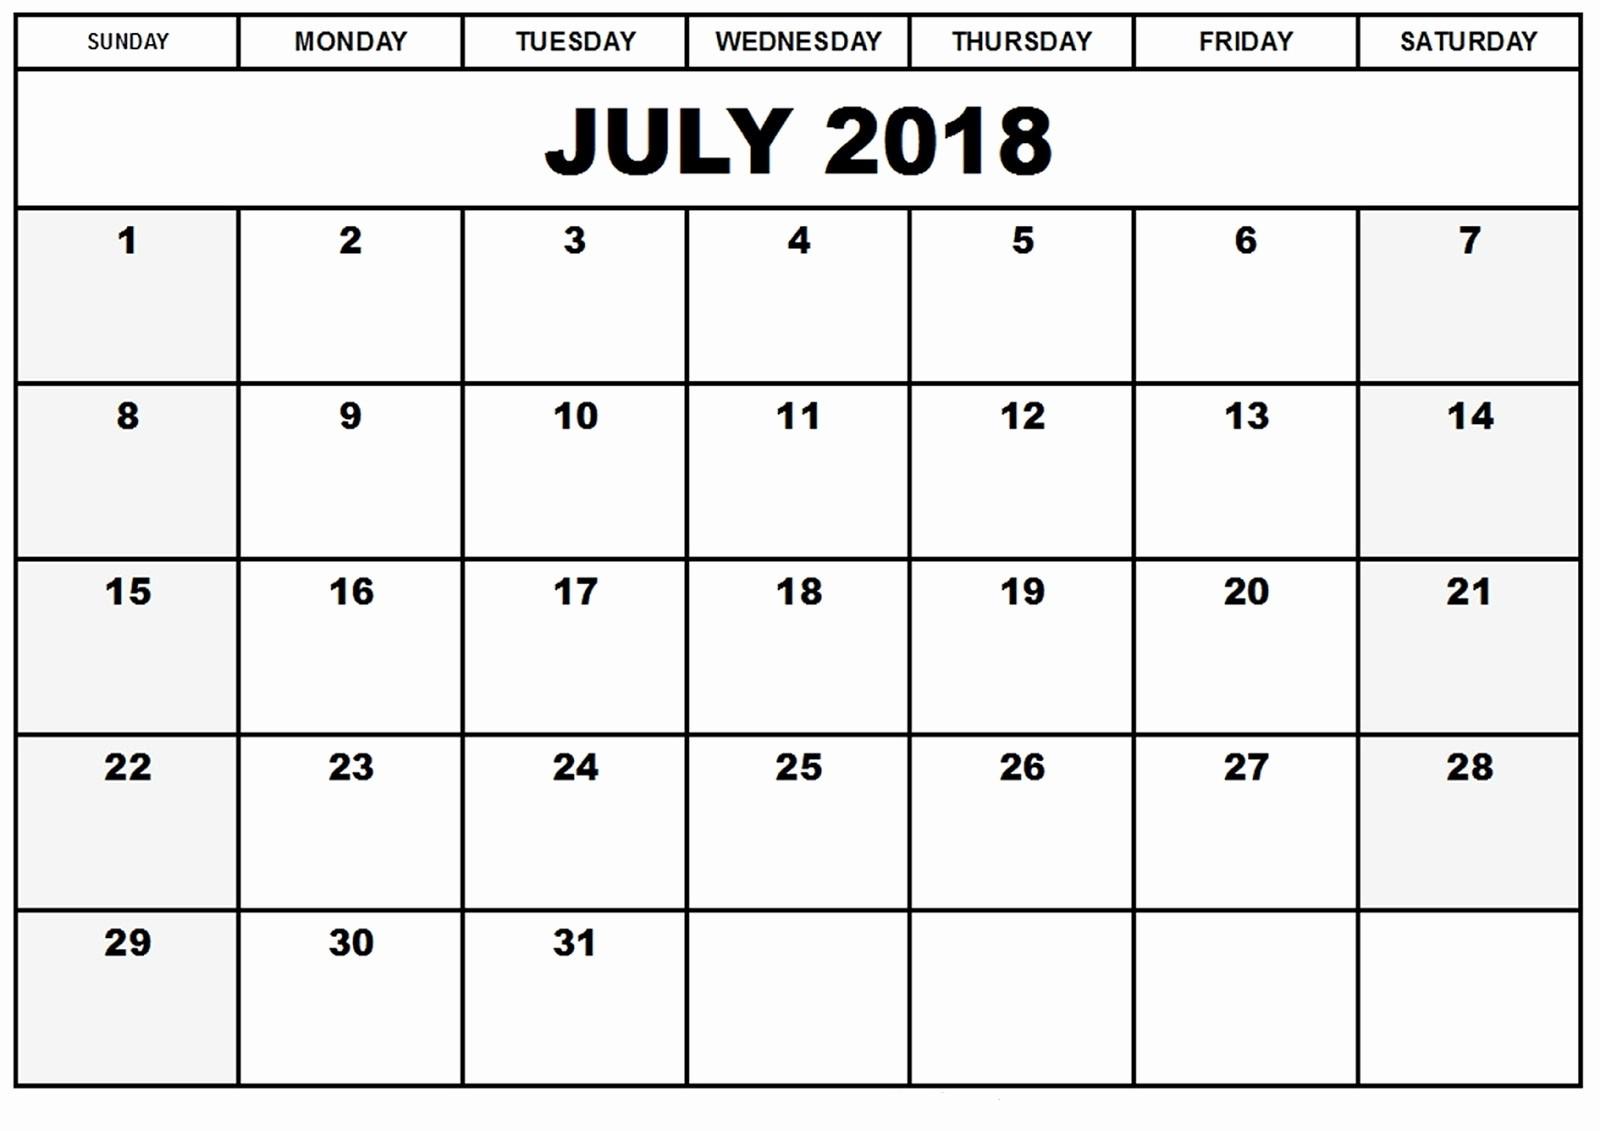 4 X 6 Calendar Template Lovely Free 2018 Monthly Calendar Templates 4x6 – Template